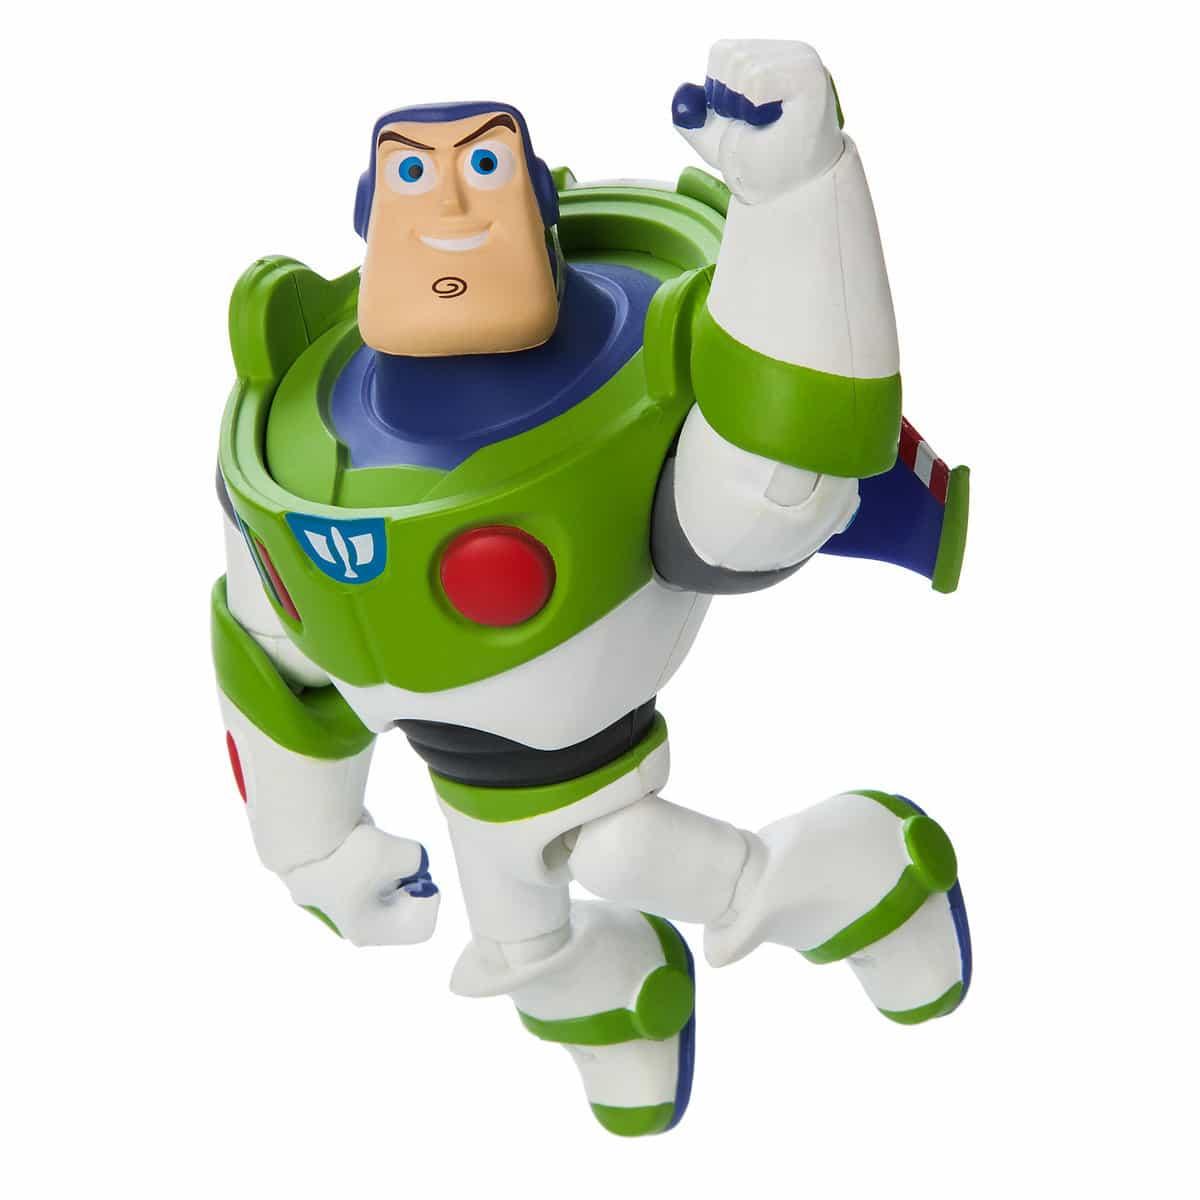 Toy Story Quotdisney Infinity Stylequot Toybox Action Figures